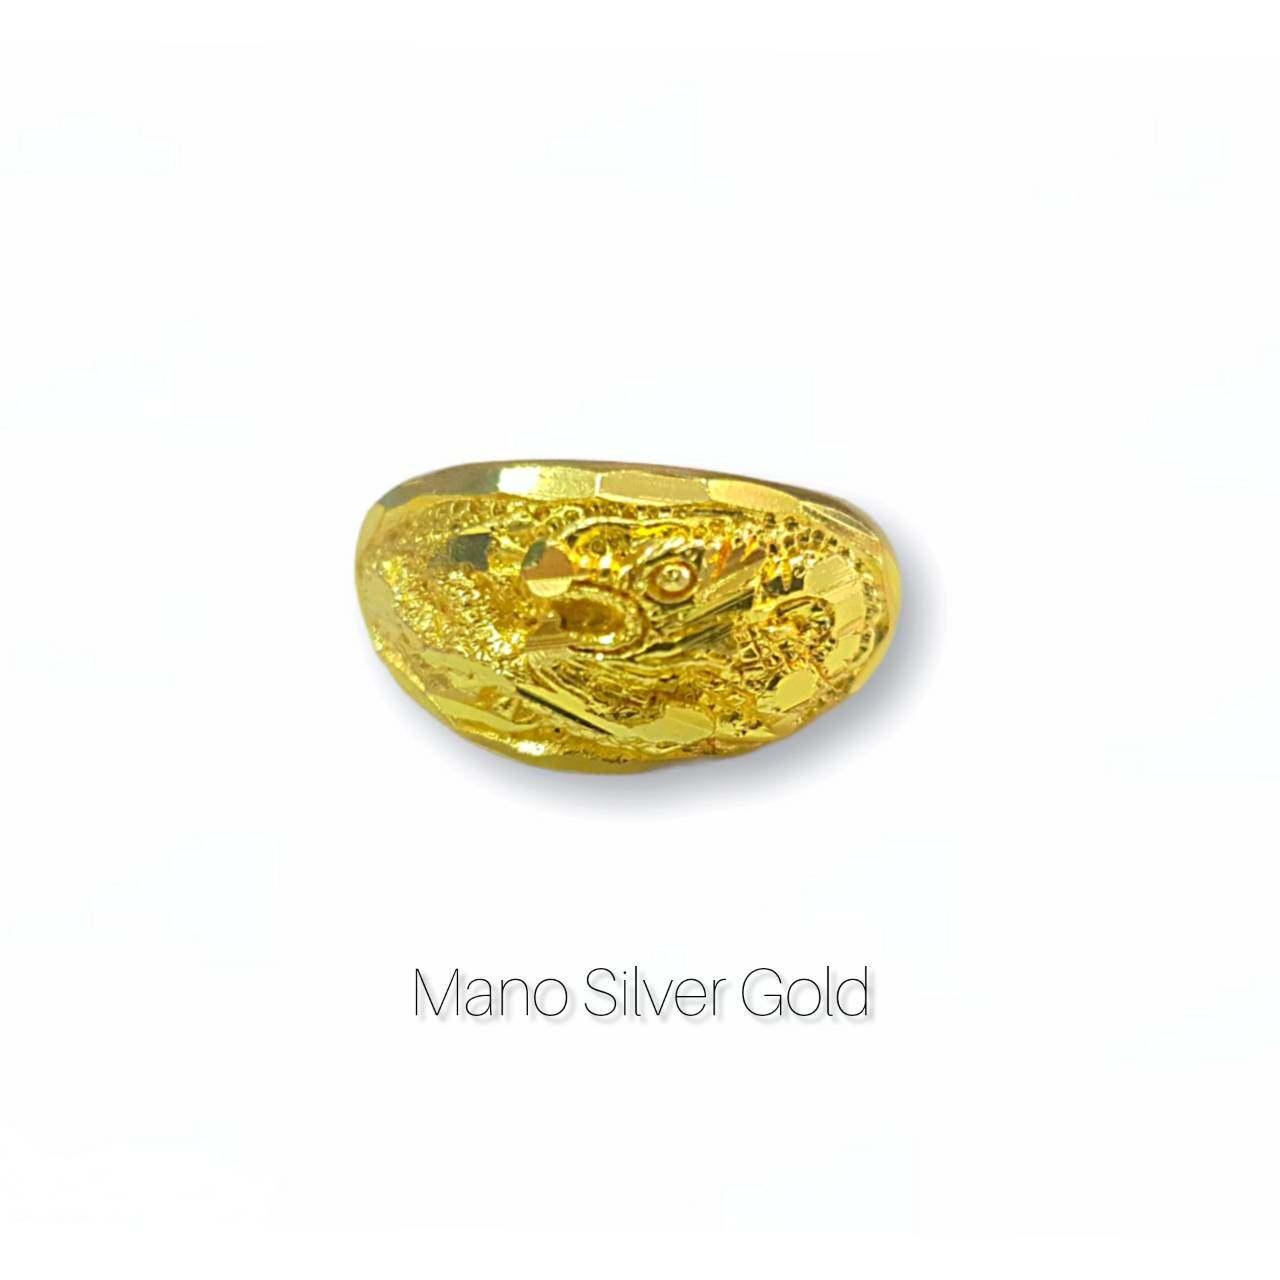 แหวนทองเคลือบ 048 แหวนทองเคลือบแก้ว ทองสวย แหวนทอง แหวนทองชุบ แหวนทองสวย แหวนหนัก 1 สลึง